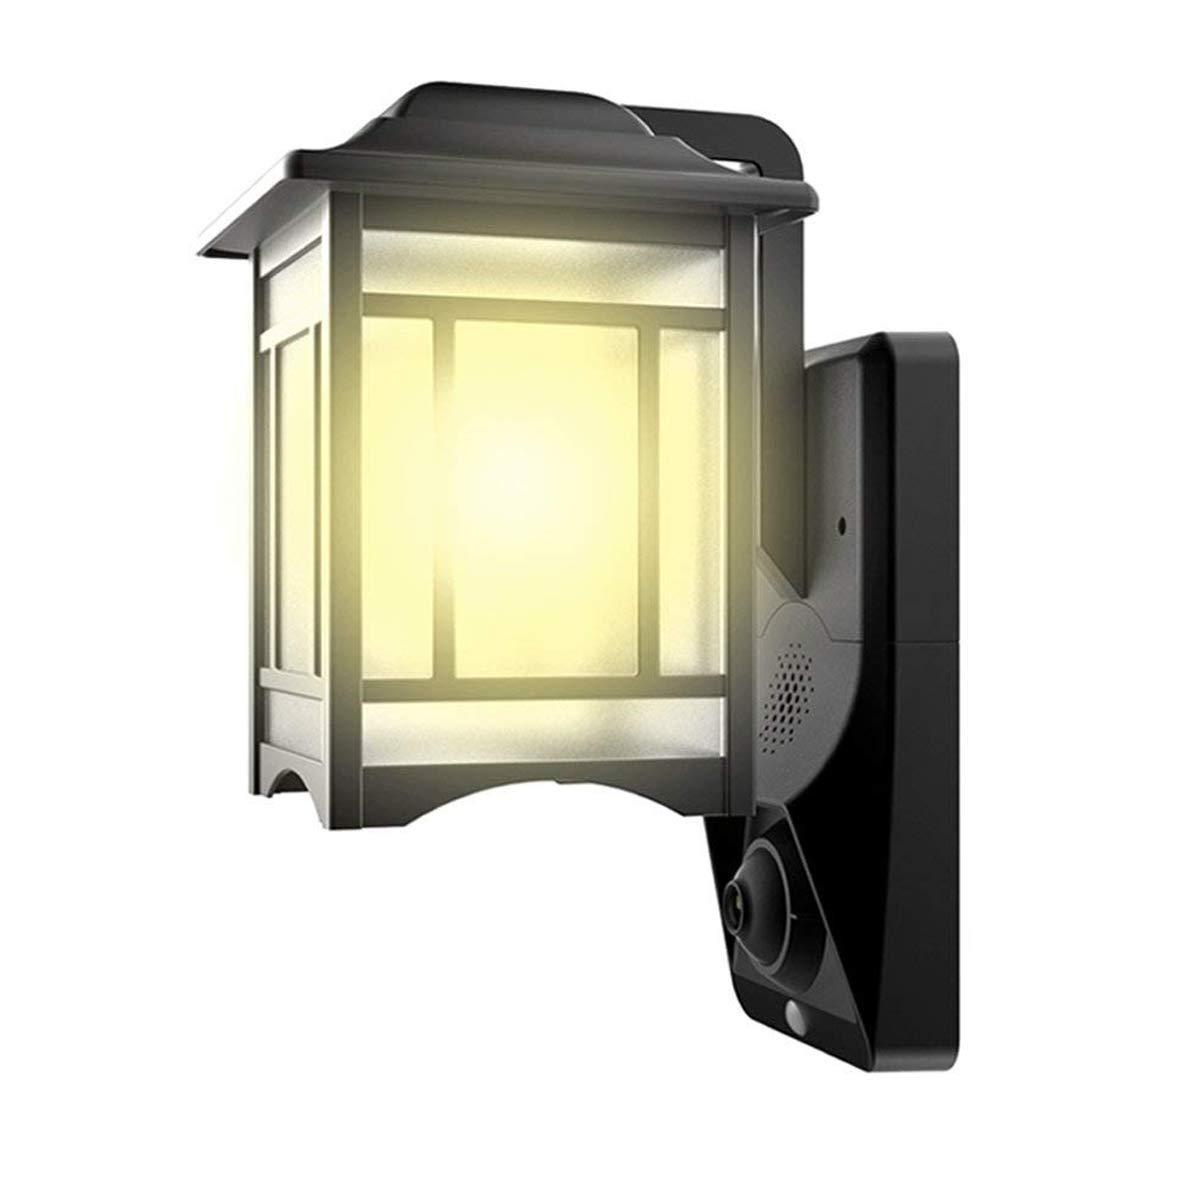 HOMSCAM Lampada da Parete per Esterno Impermeabile lampada esterno con sensore di movimento lanterna a muro con rivelatore di movimento illuminazione da esterno per giardino luci di sicurezza videocamera esterna 1080p con PIR Per giardino, vialetto, cortil